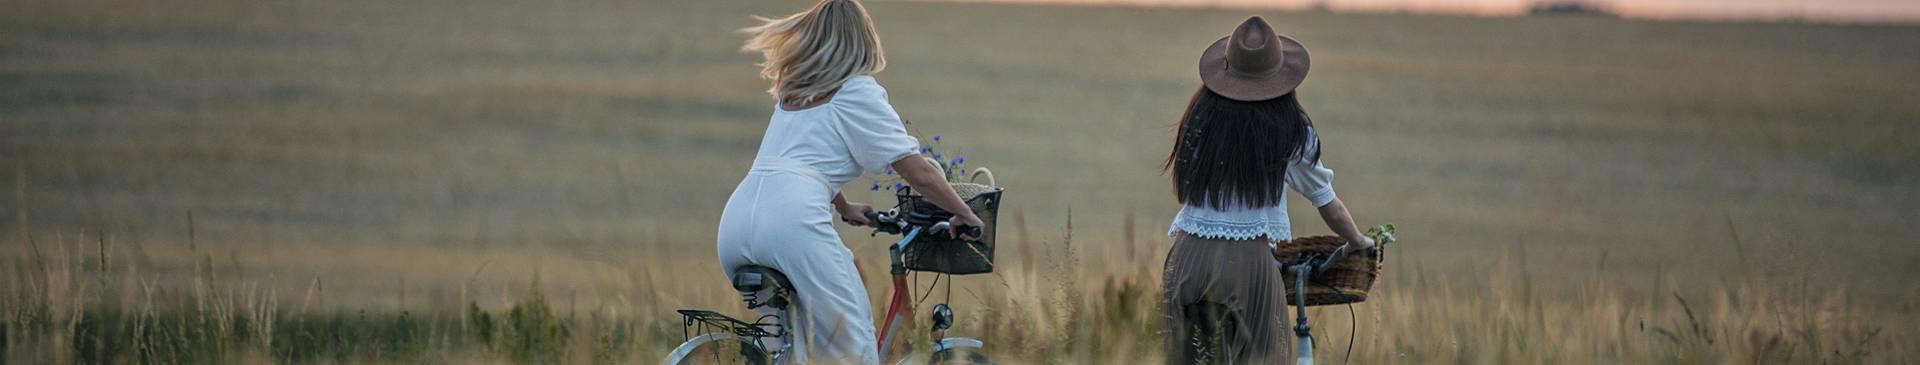 Eslovenia en bicicleta